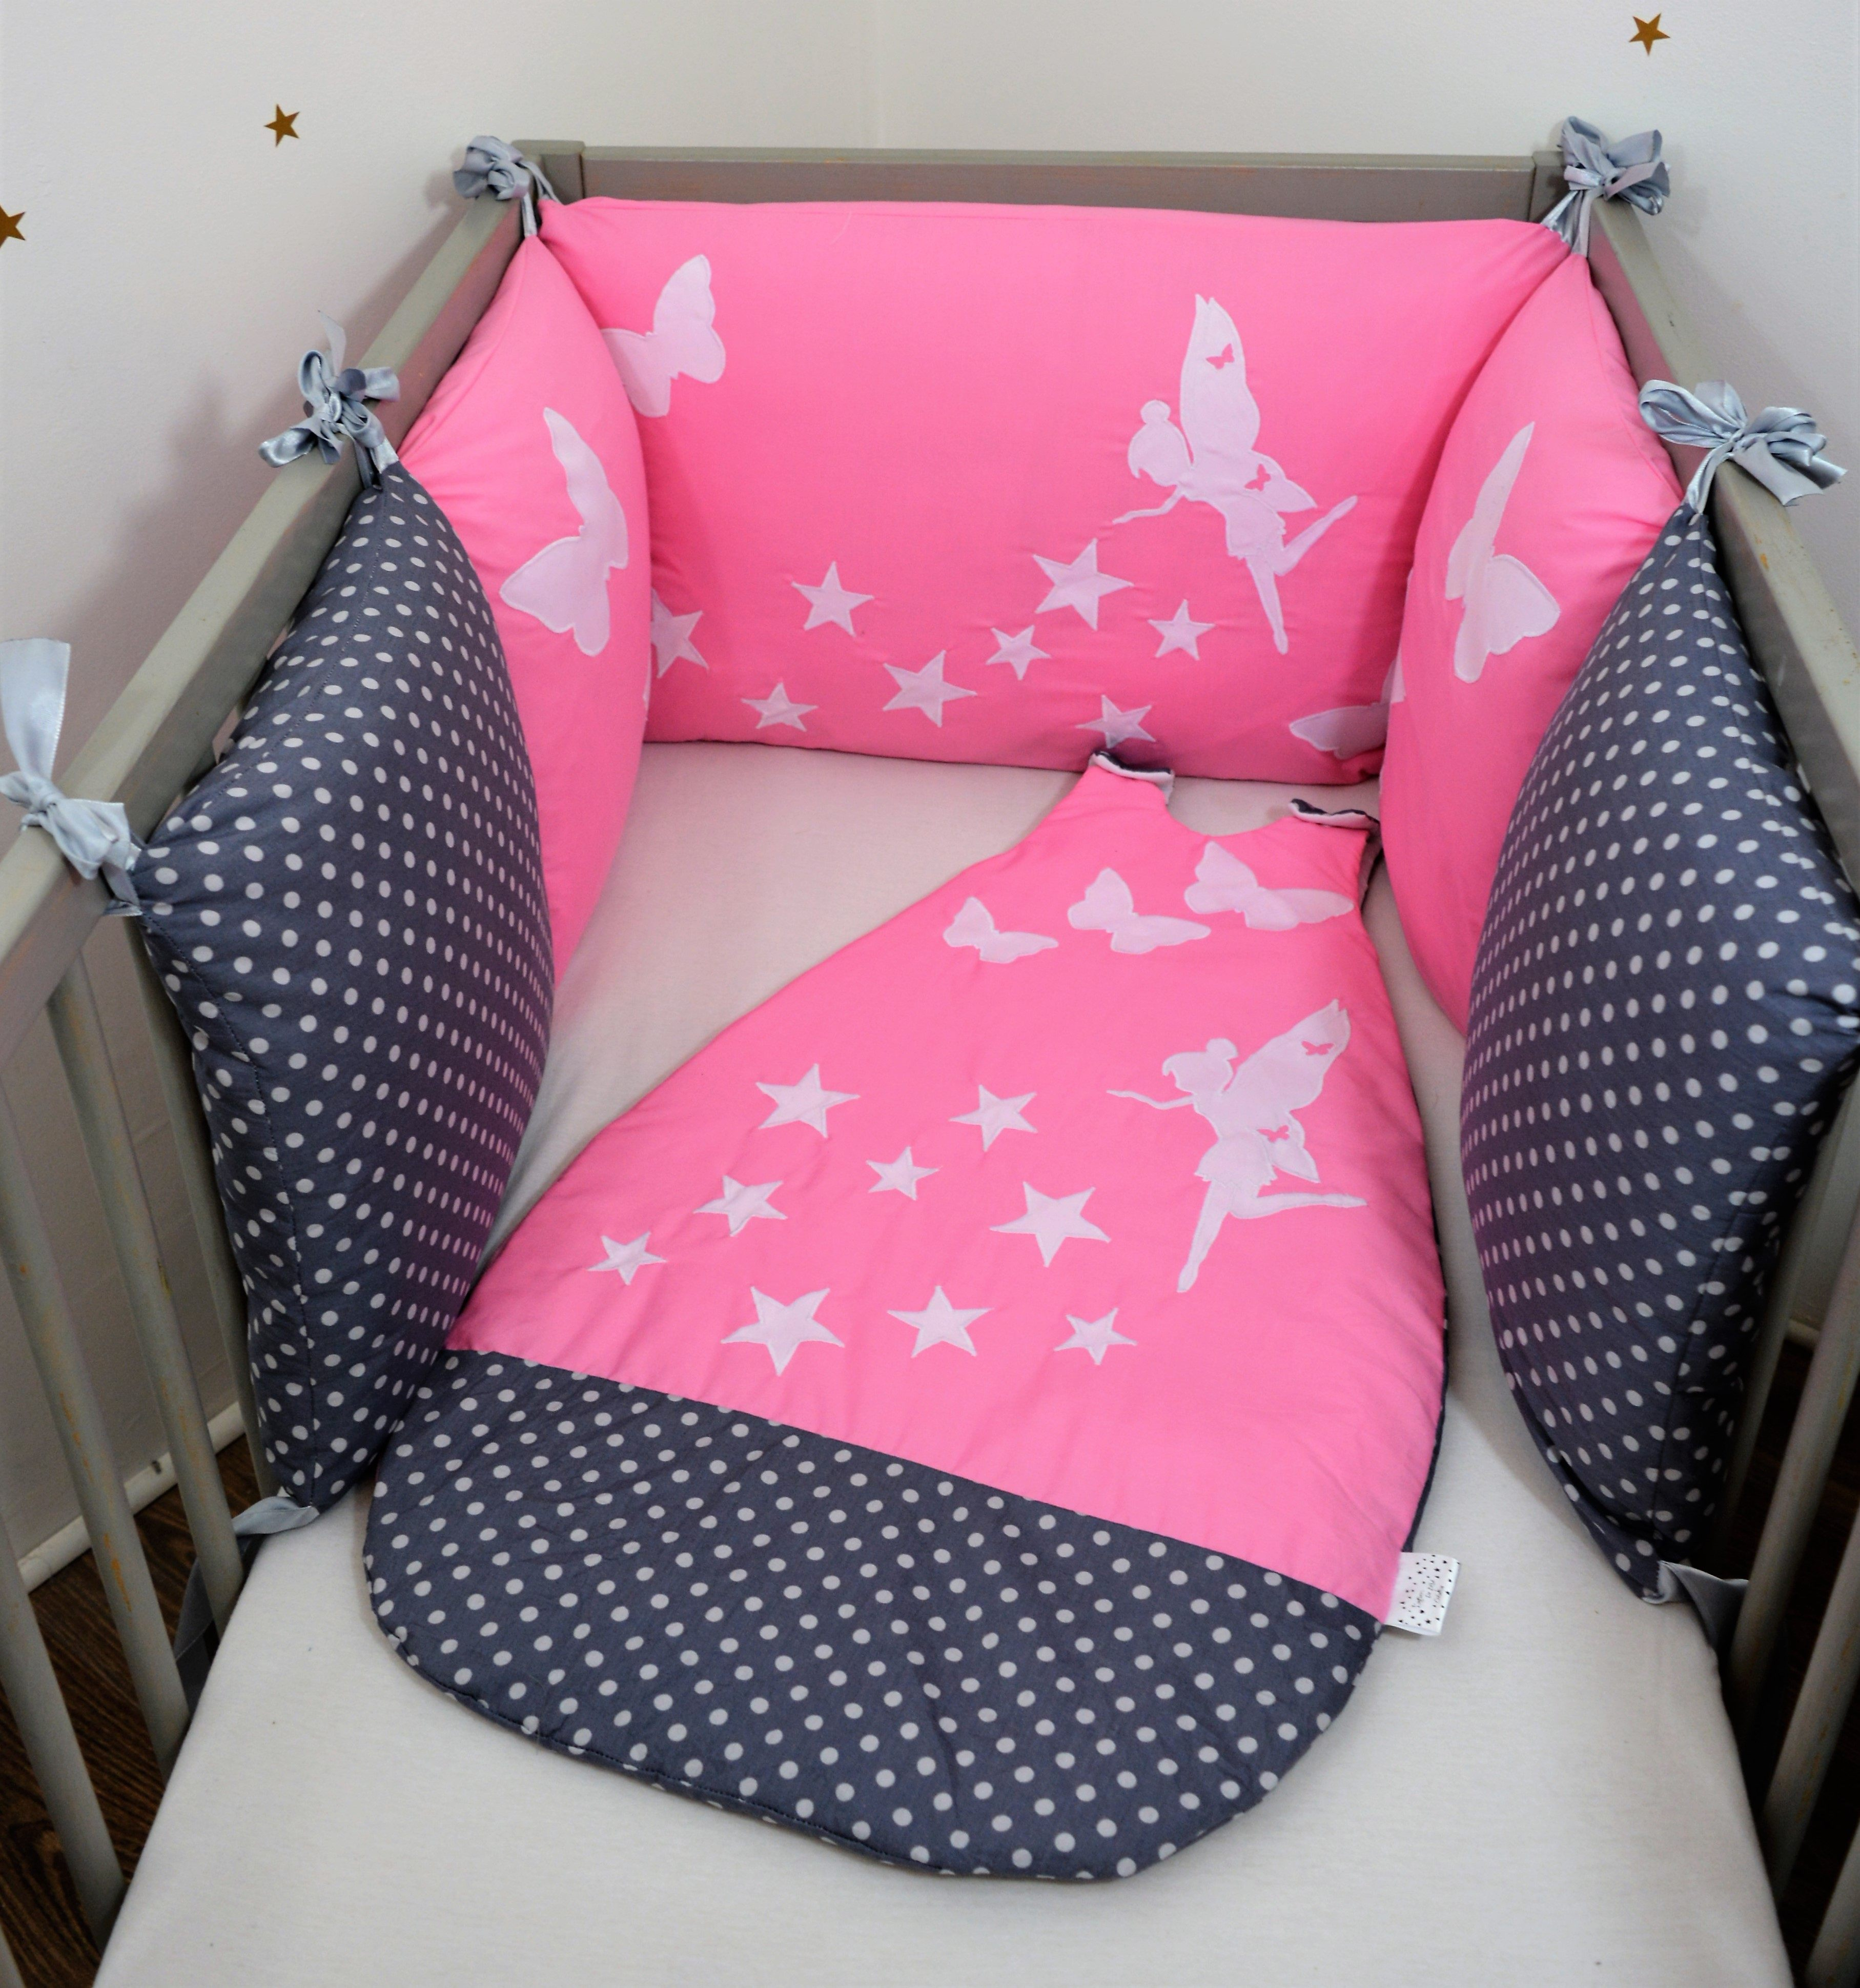 Tour de lit gigoteuse 0 6 mois fée papillon étoilées rose gris a